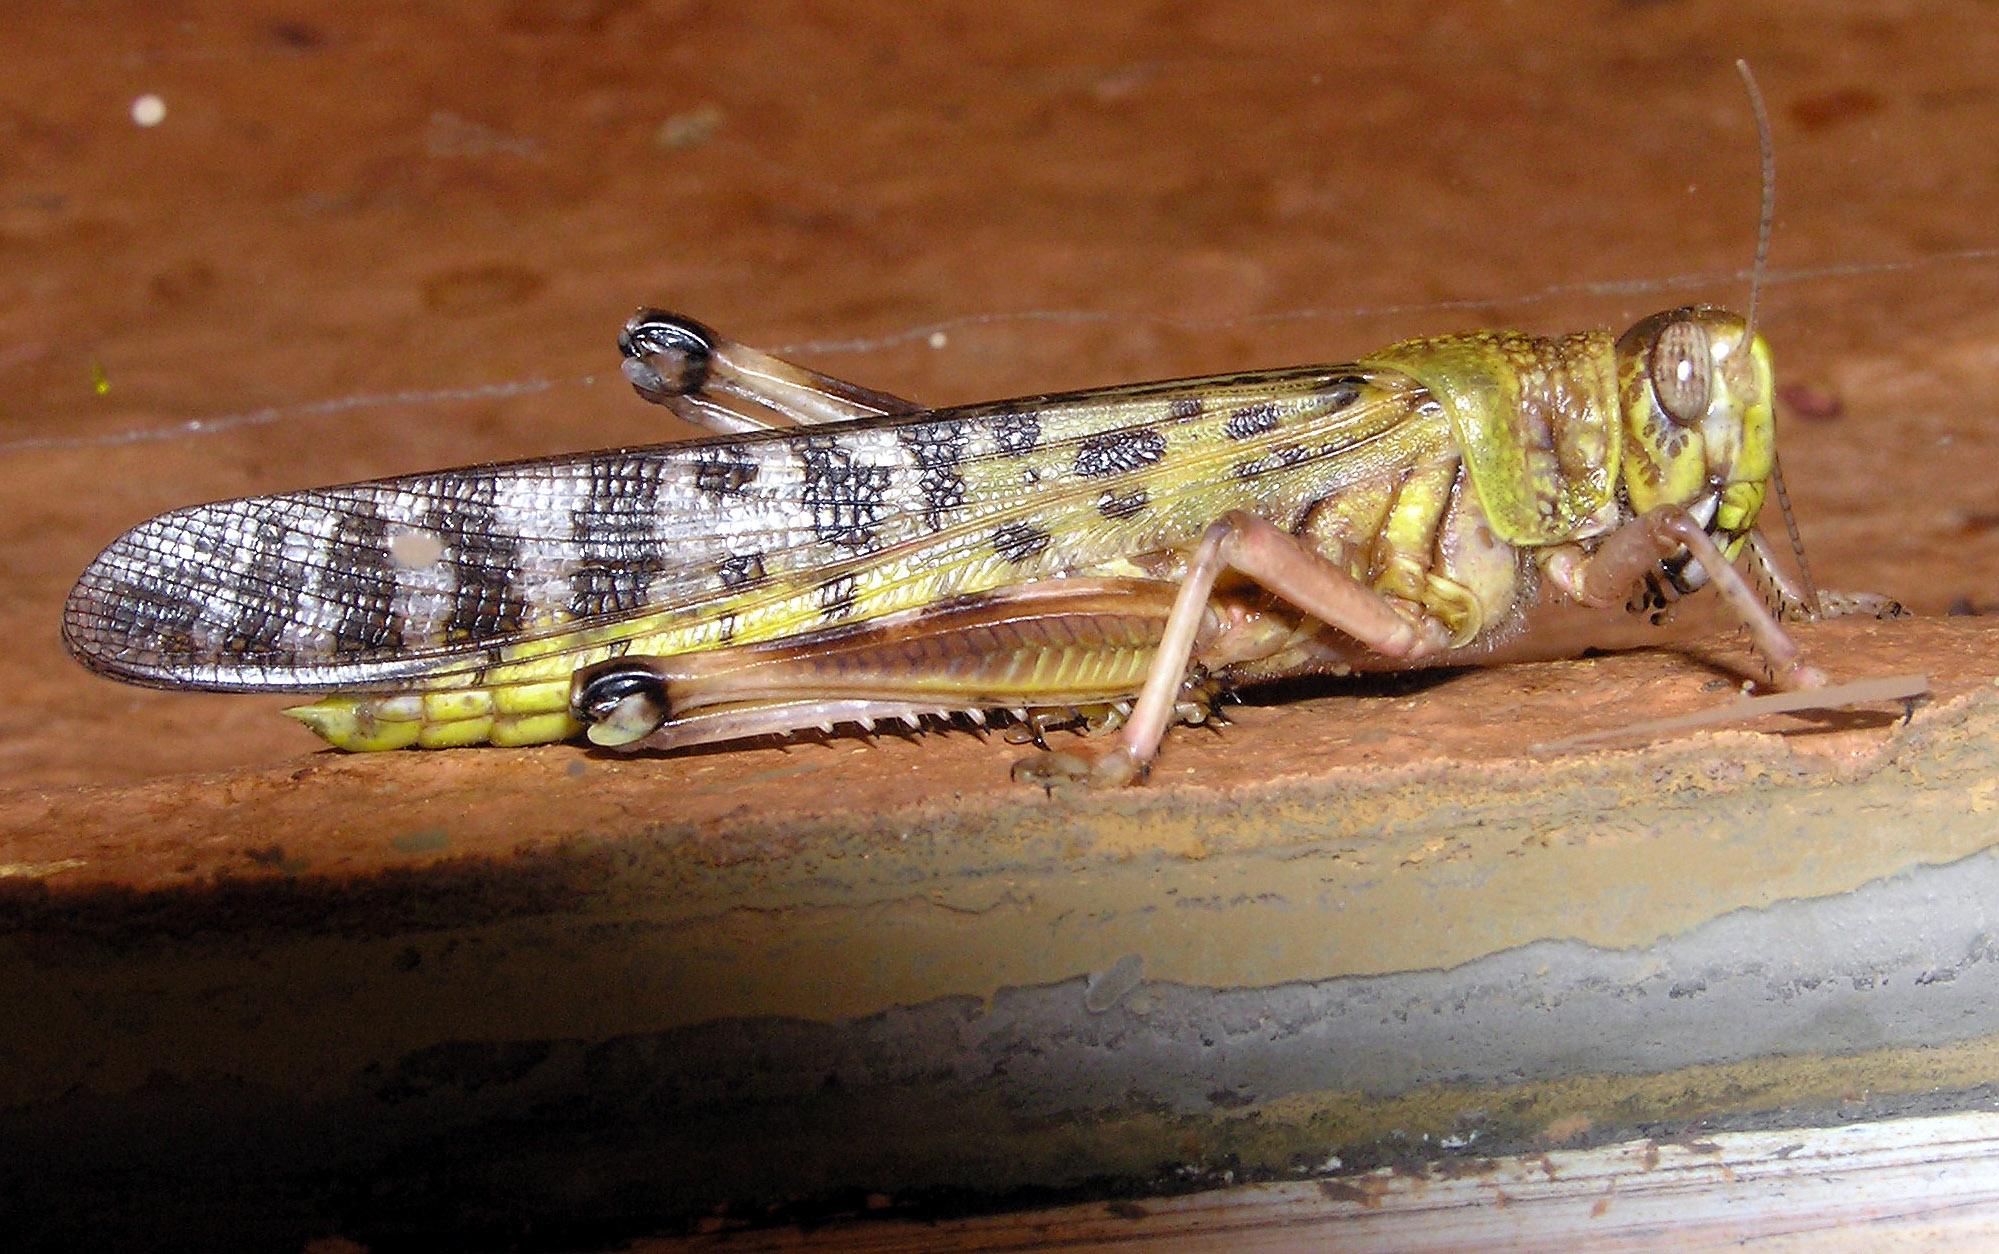 A locust on earth